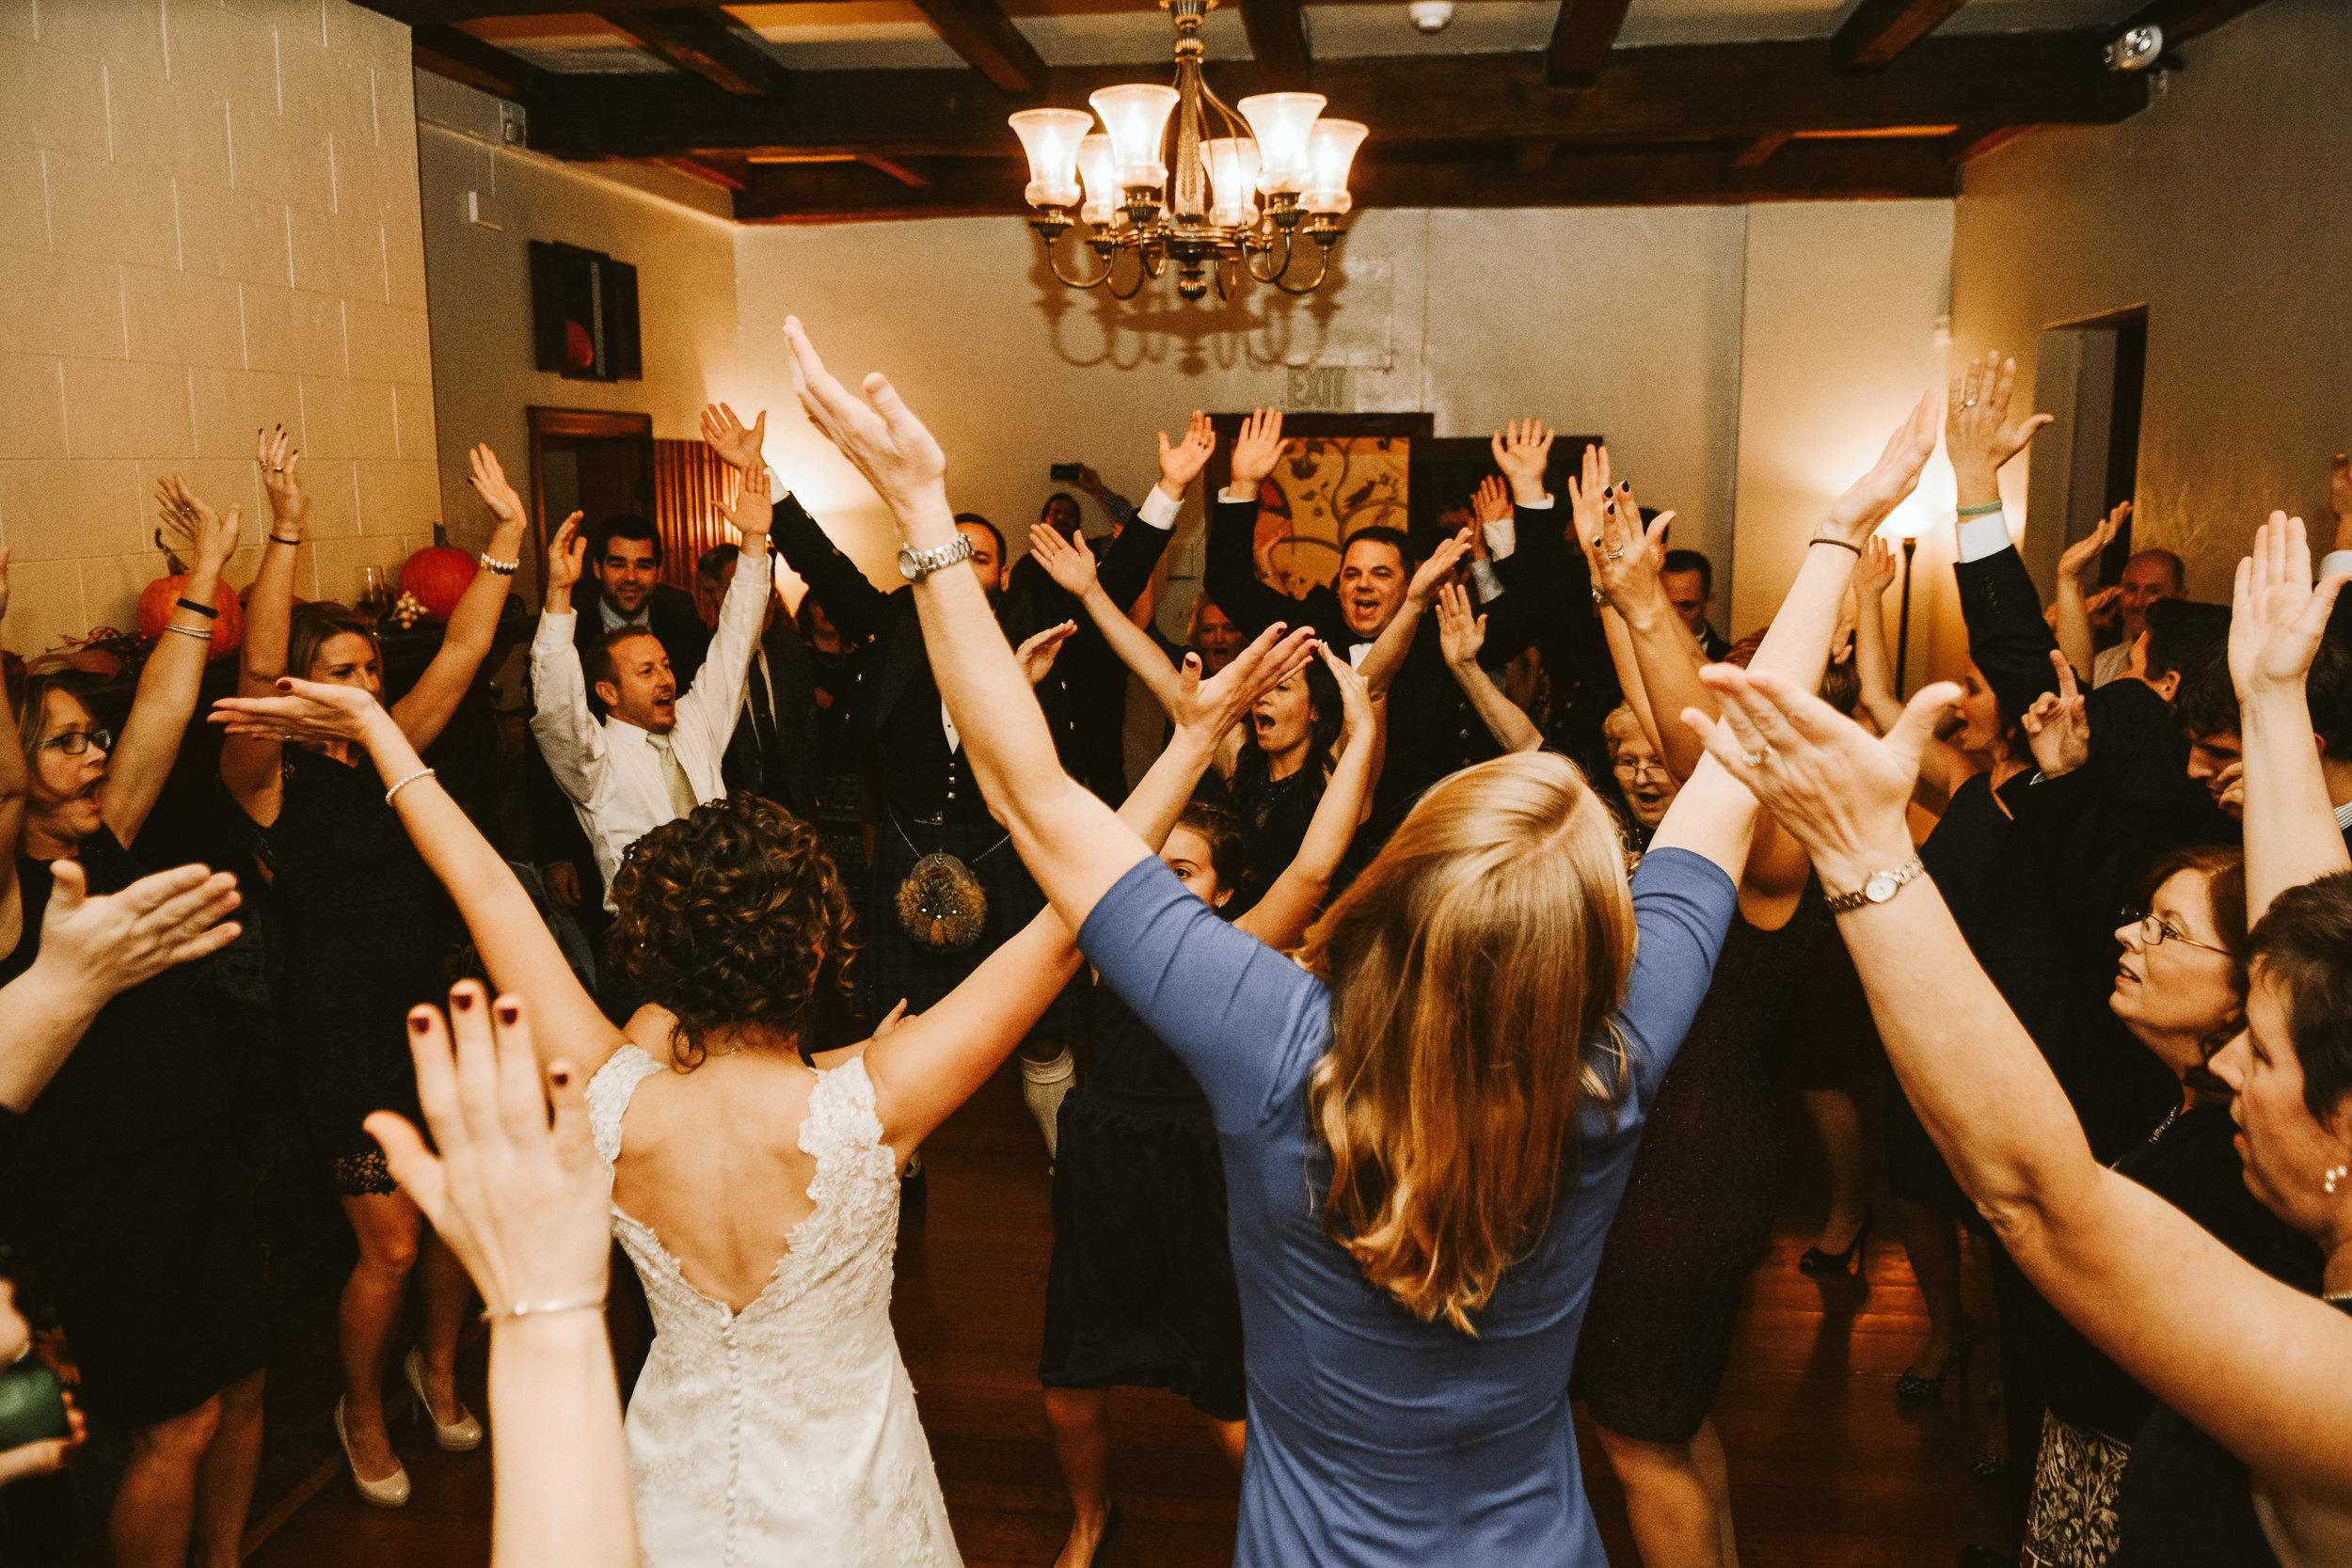 adrienne and greg's wedding 2018 edits-62.jpg